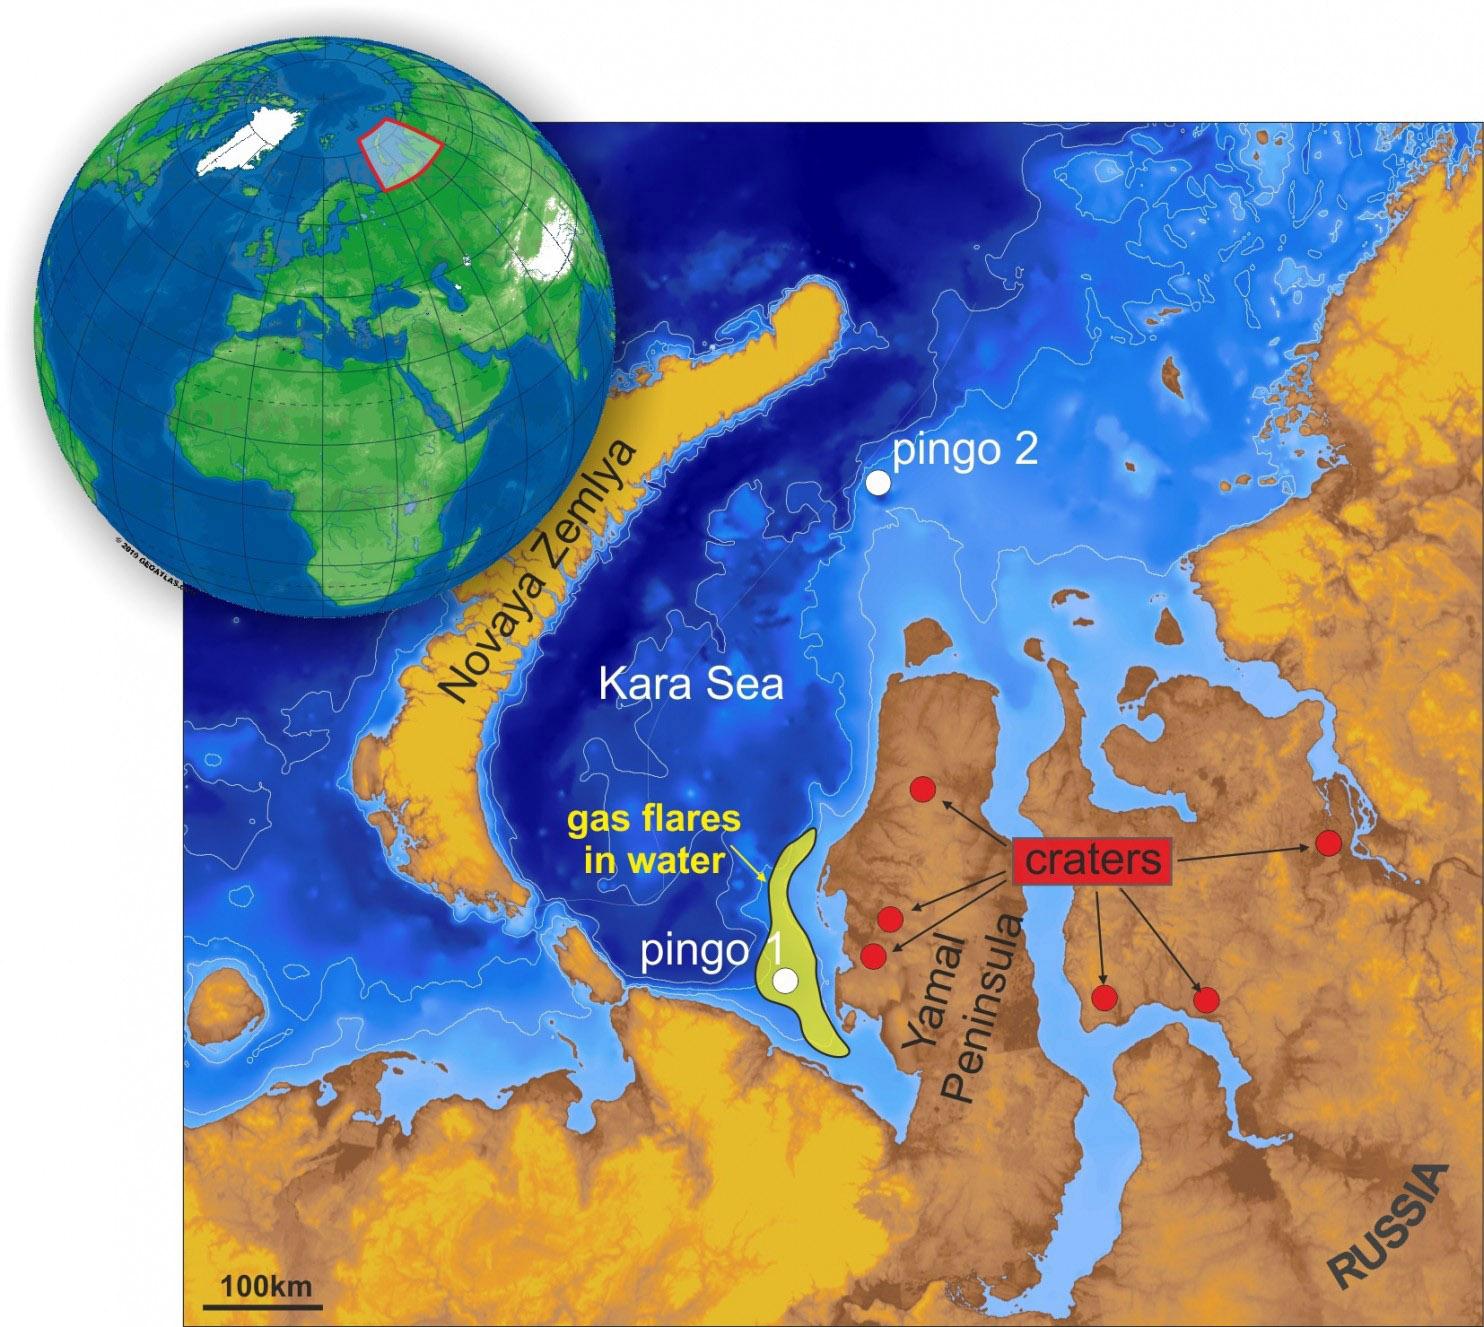 Oil industry fears new Yamal sinkholes